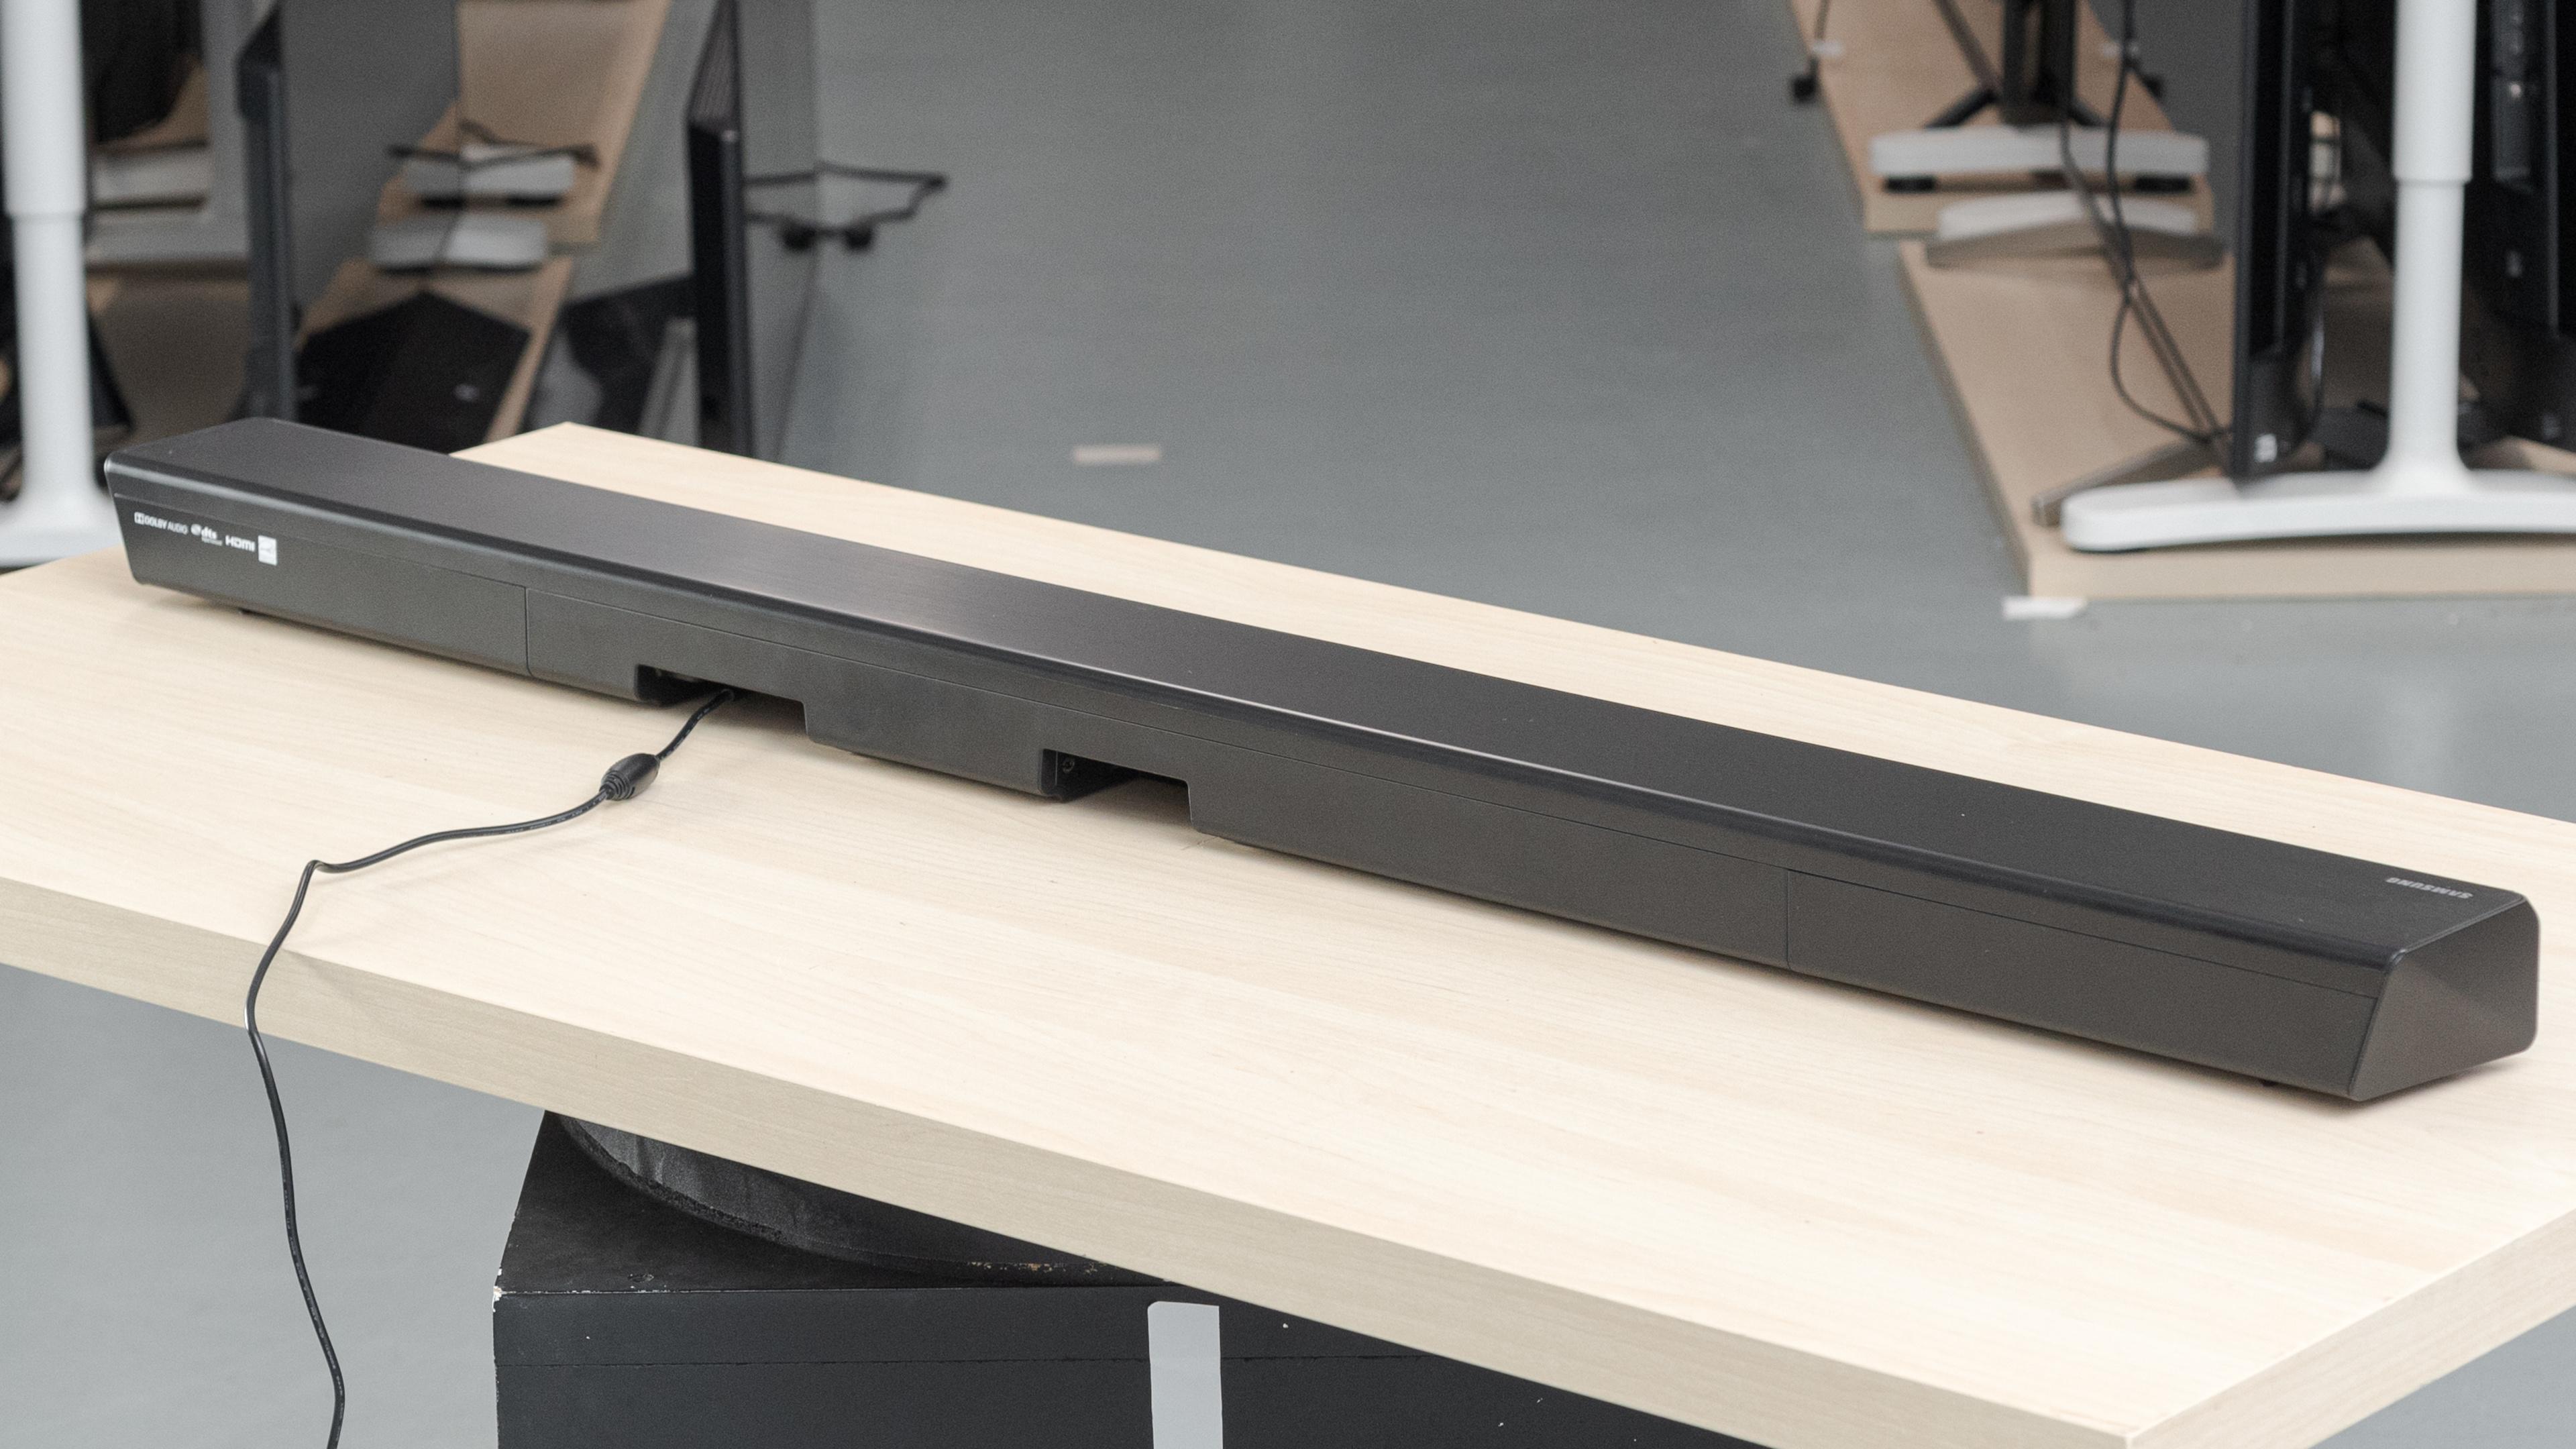 Análisis Barra de Sonido Samsung HW-R650